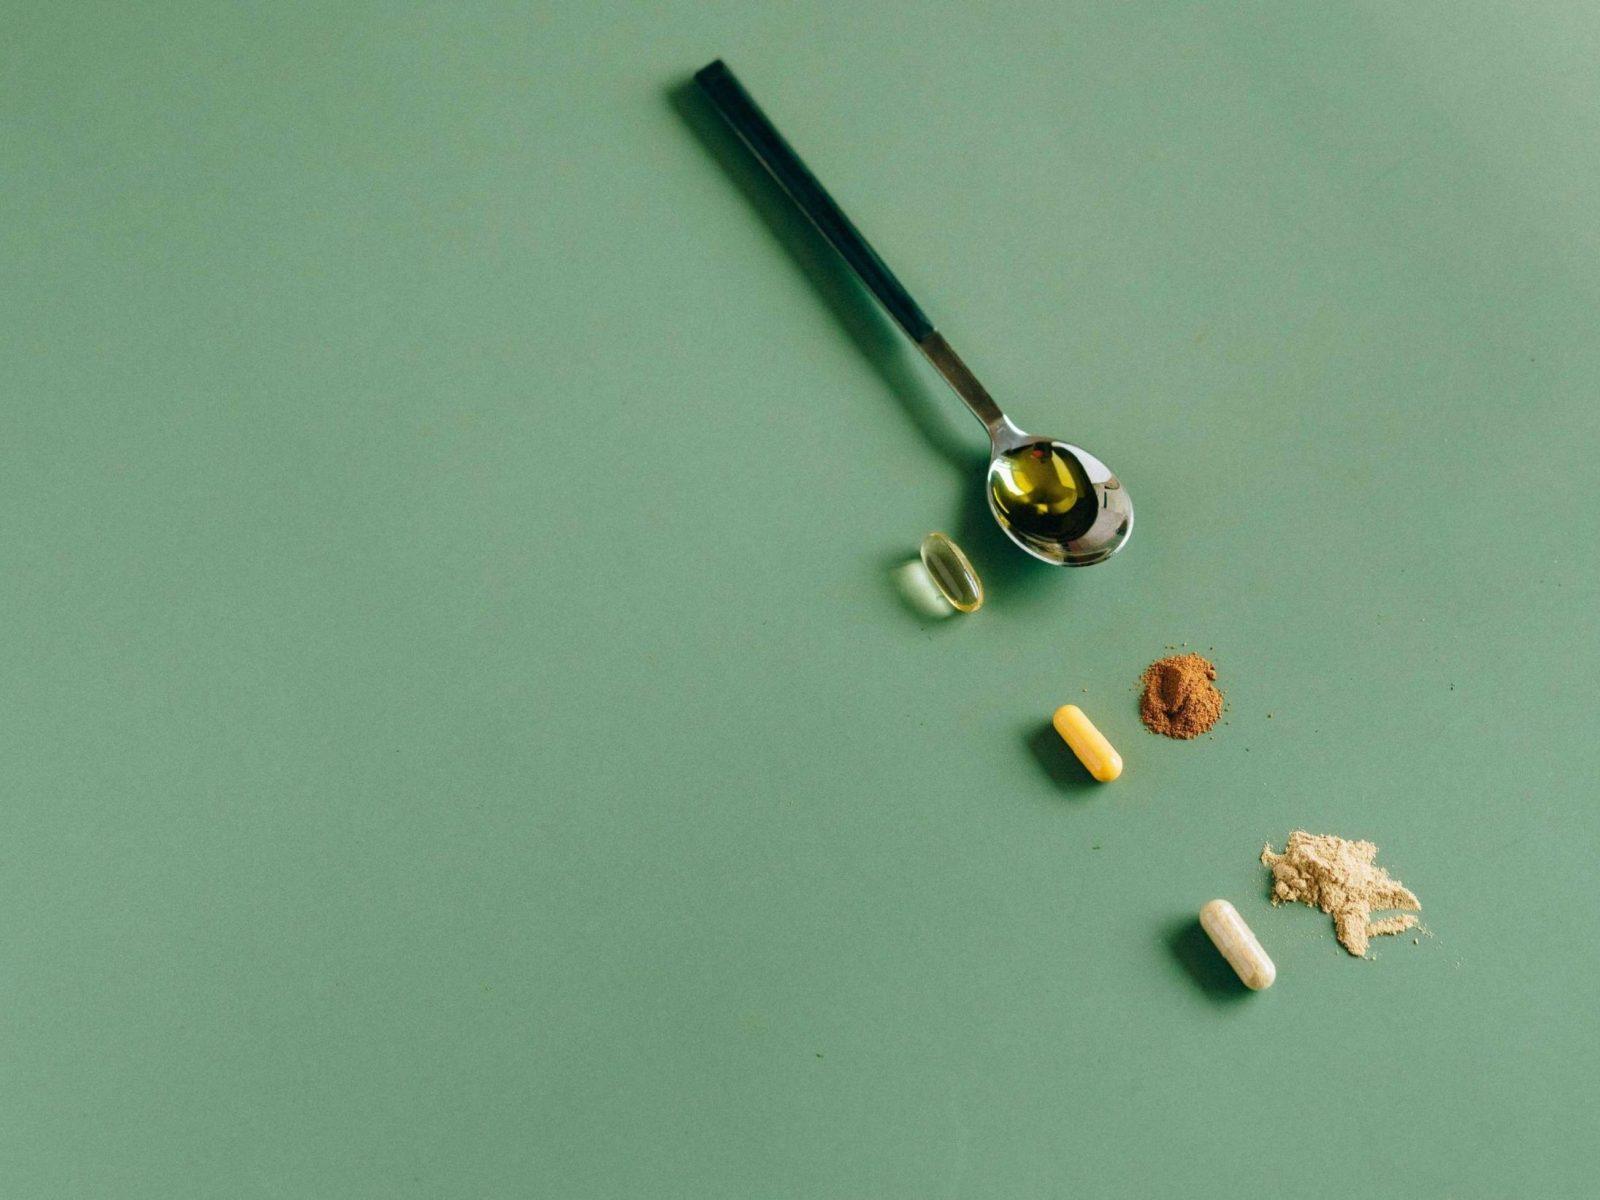 Healer's Gold Supplements Header Image